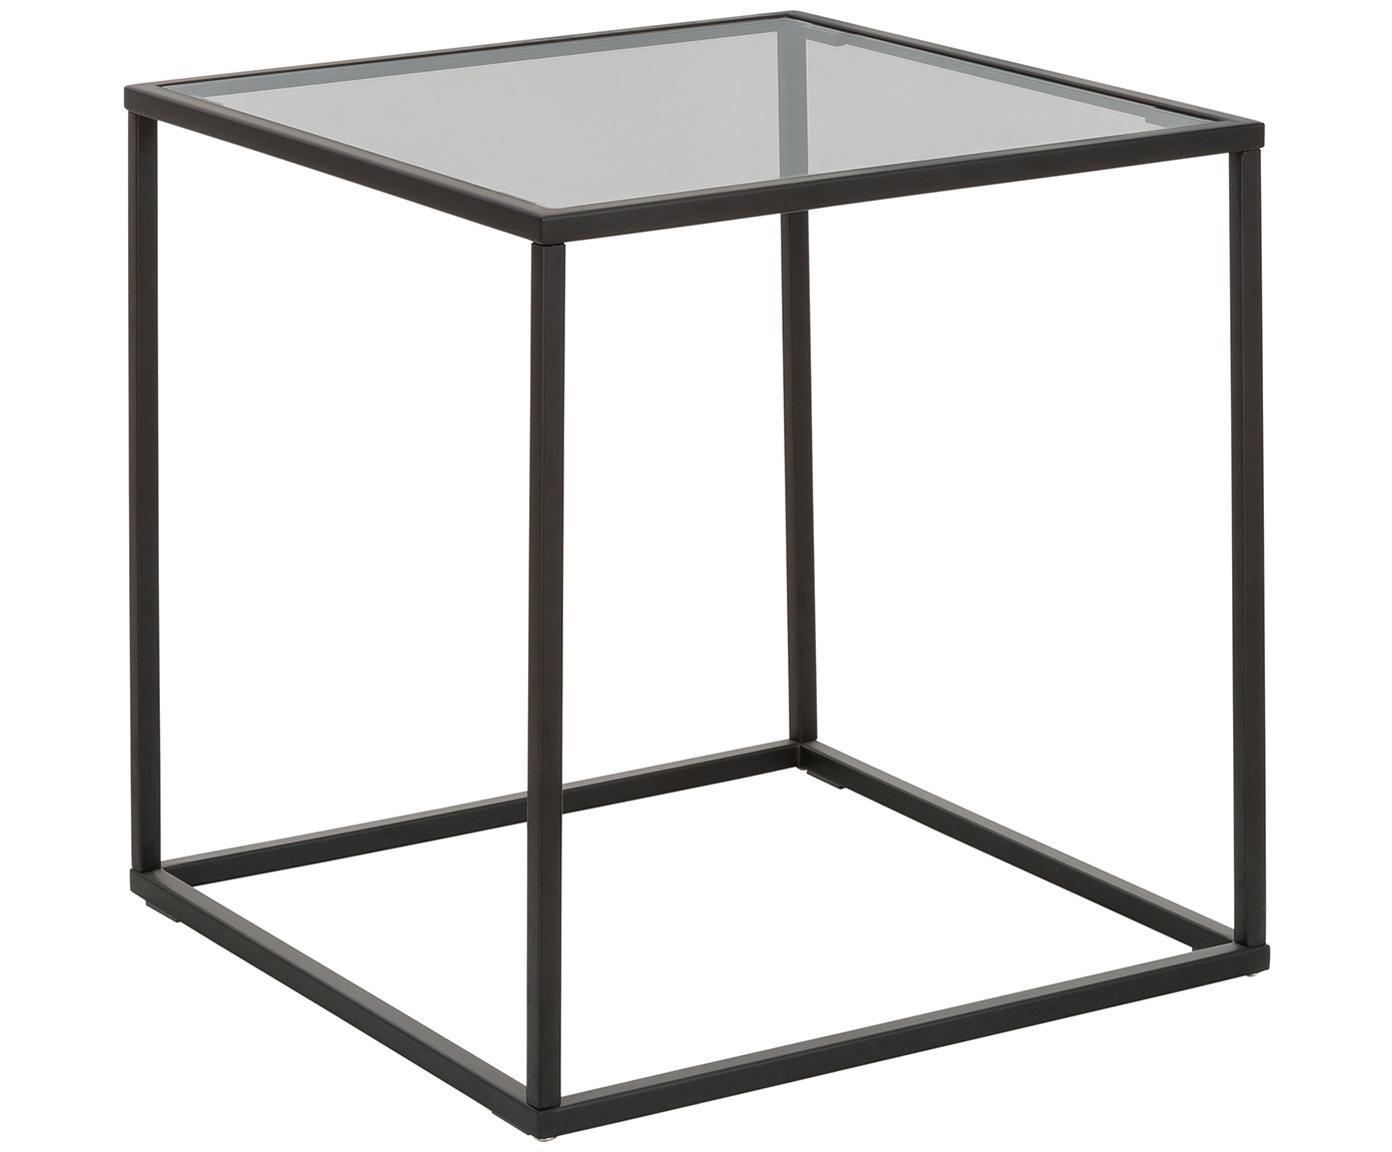 Tavolino con piano in vetro Maya, Piano d'appoggio: vetro temperato, Struttura: metallo, verniciato a pol, Piano d'appoggio: vetro tinto nero Struttura: nero opaco, Larg. 45 x Alt. 50 cm